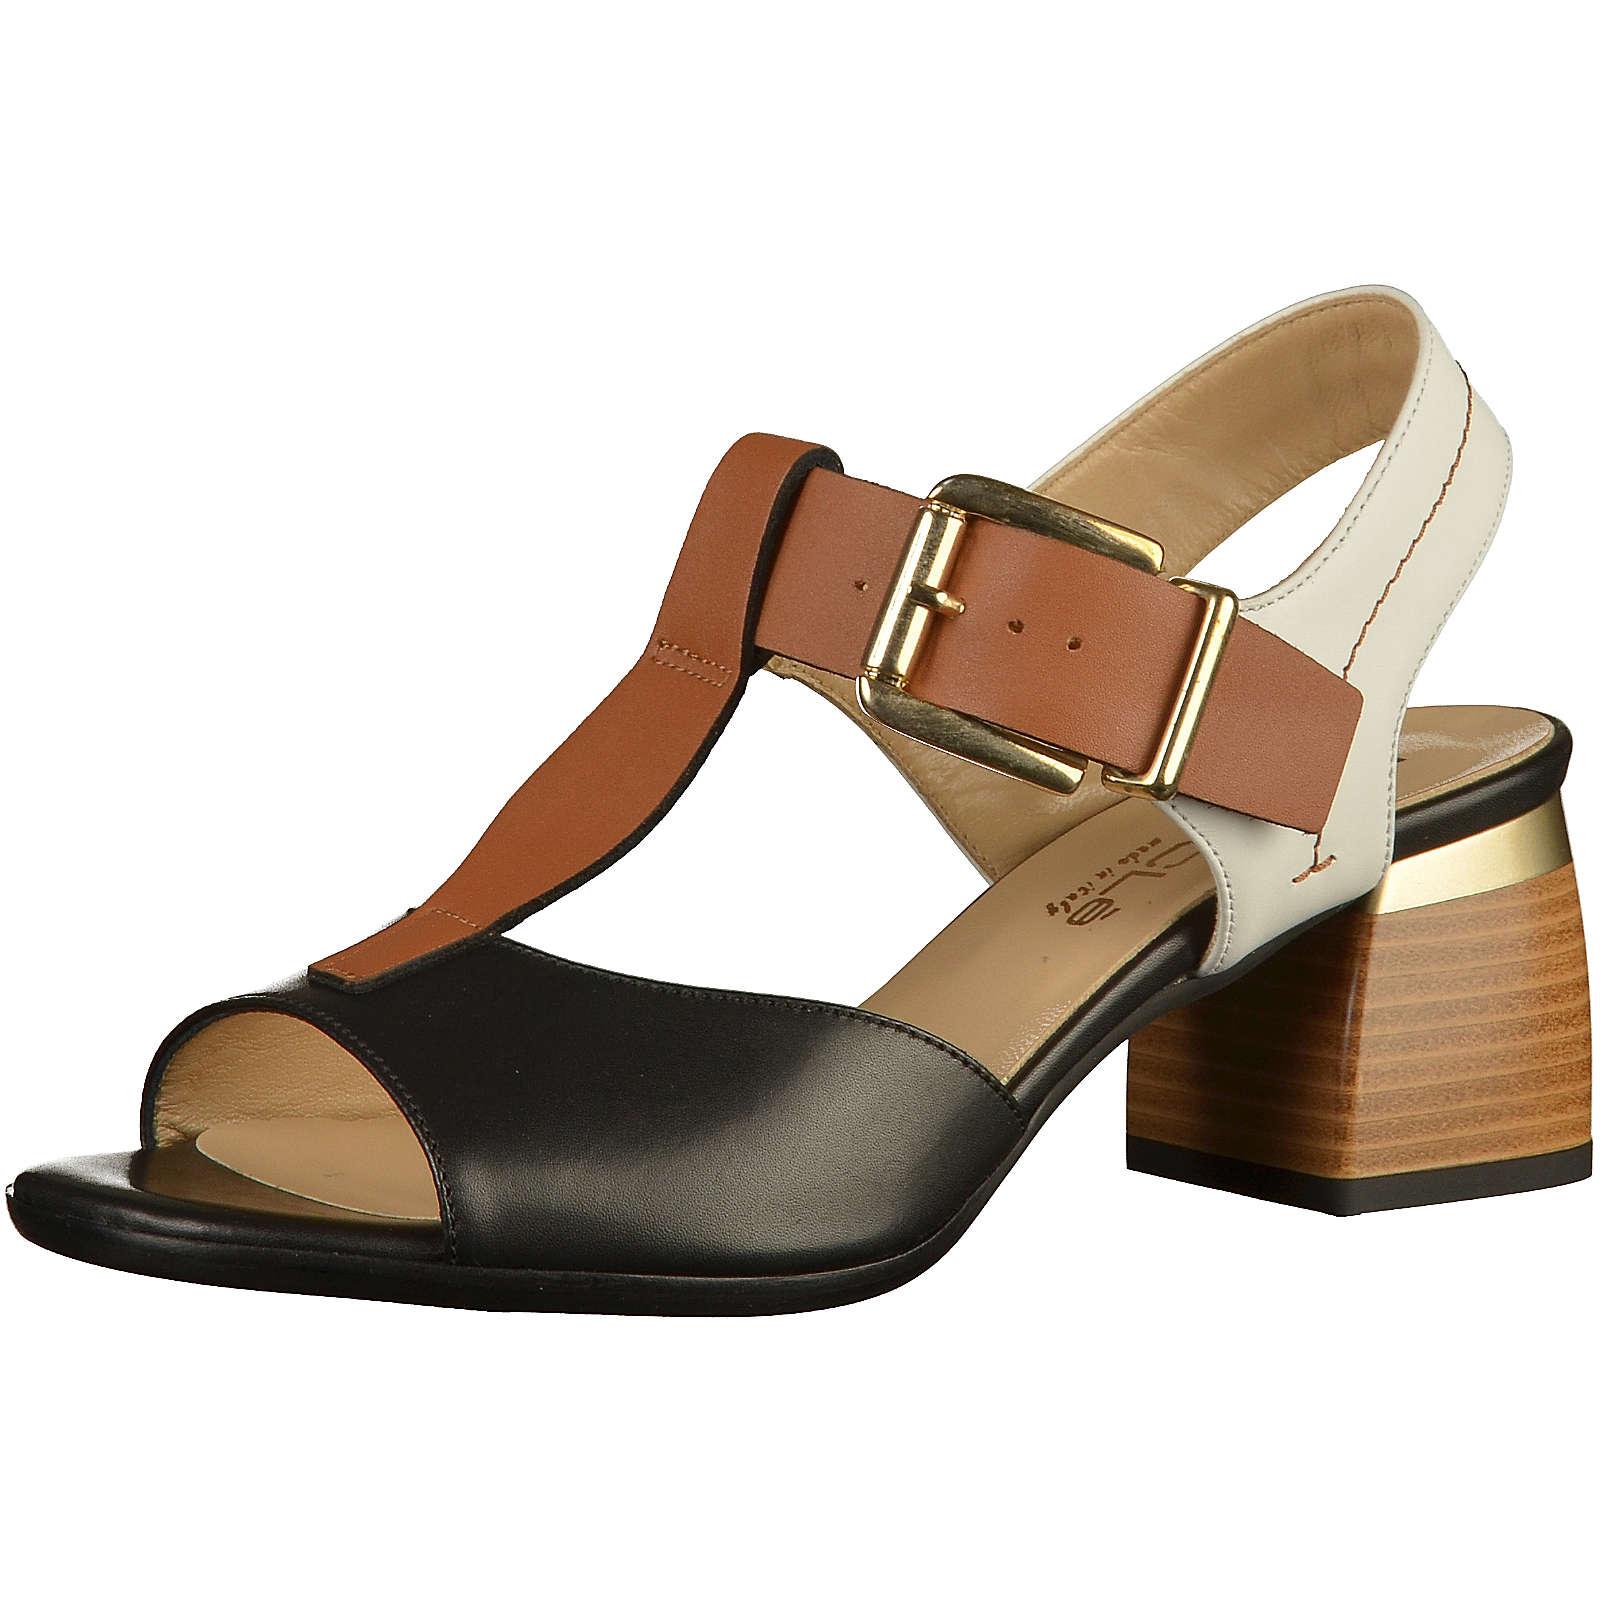 MOT-CLè Sandalen Klassische Sandaletten schwarz Damen Gr. 36